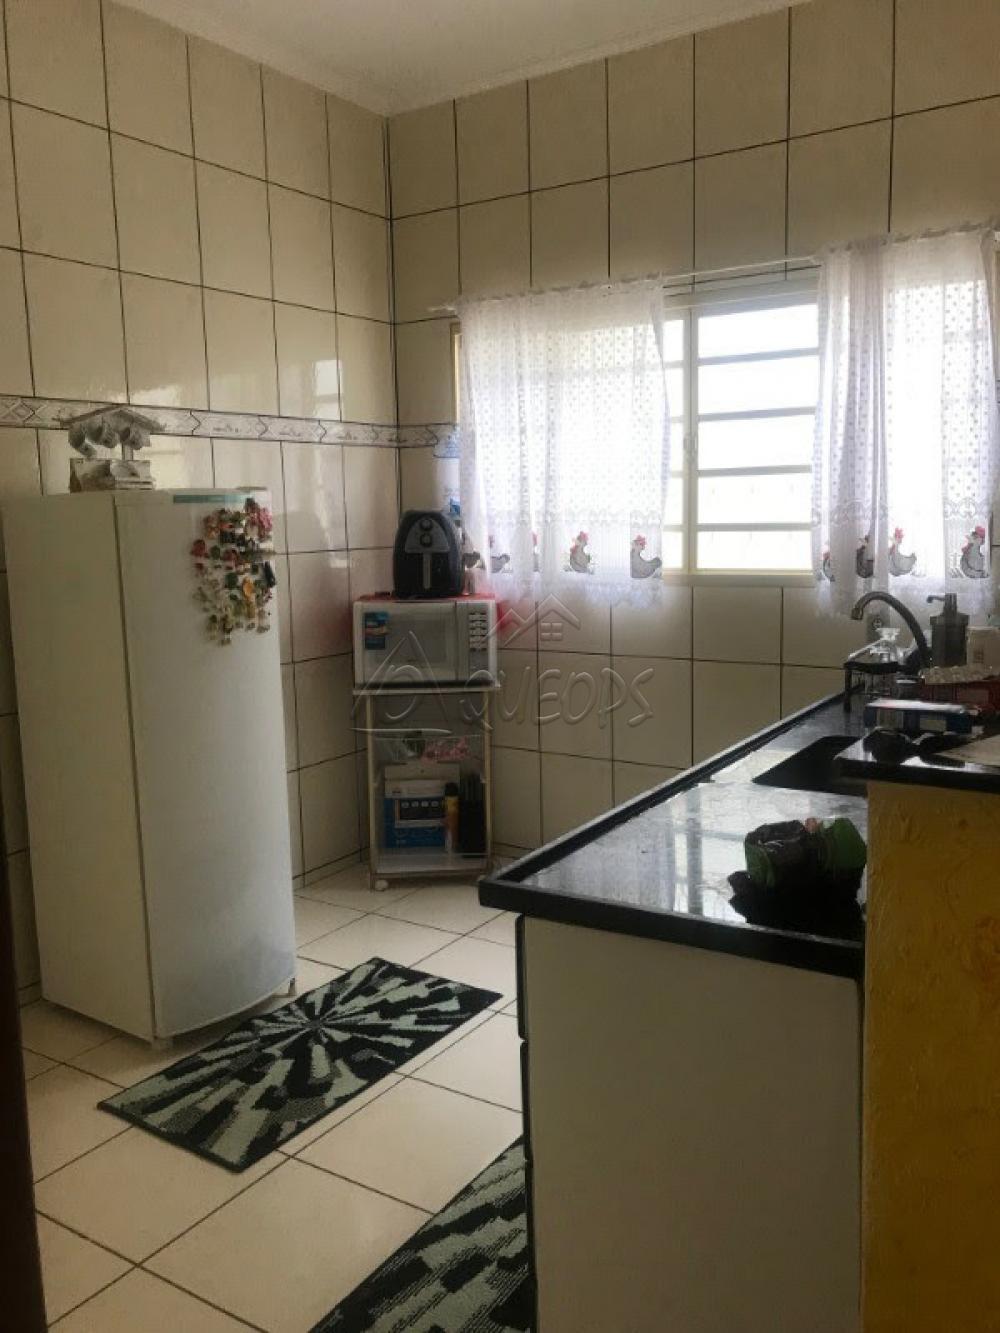 Comprar Casa / Padrão em Barretos apenas R$ 390.000,00 - Foto 10